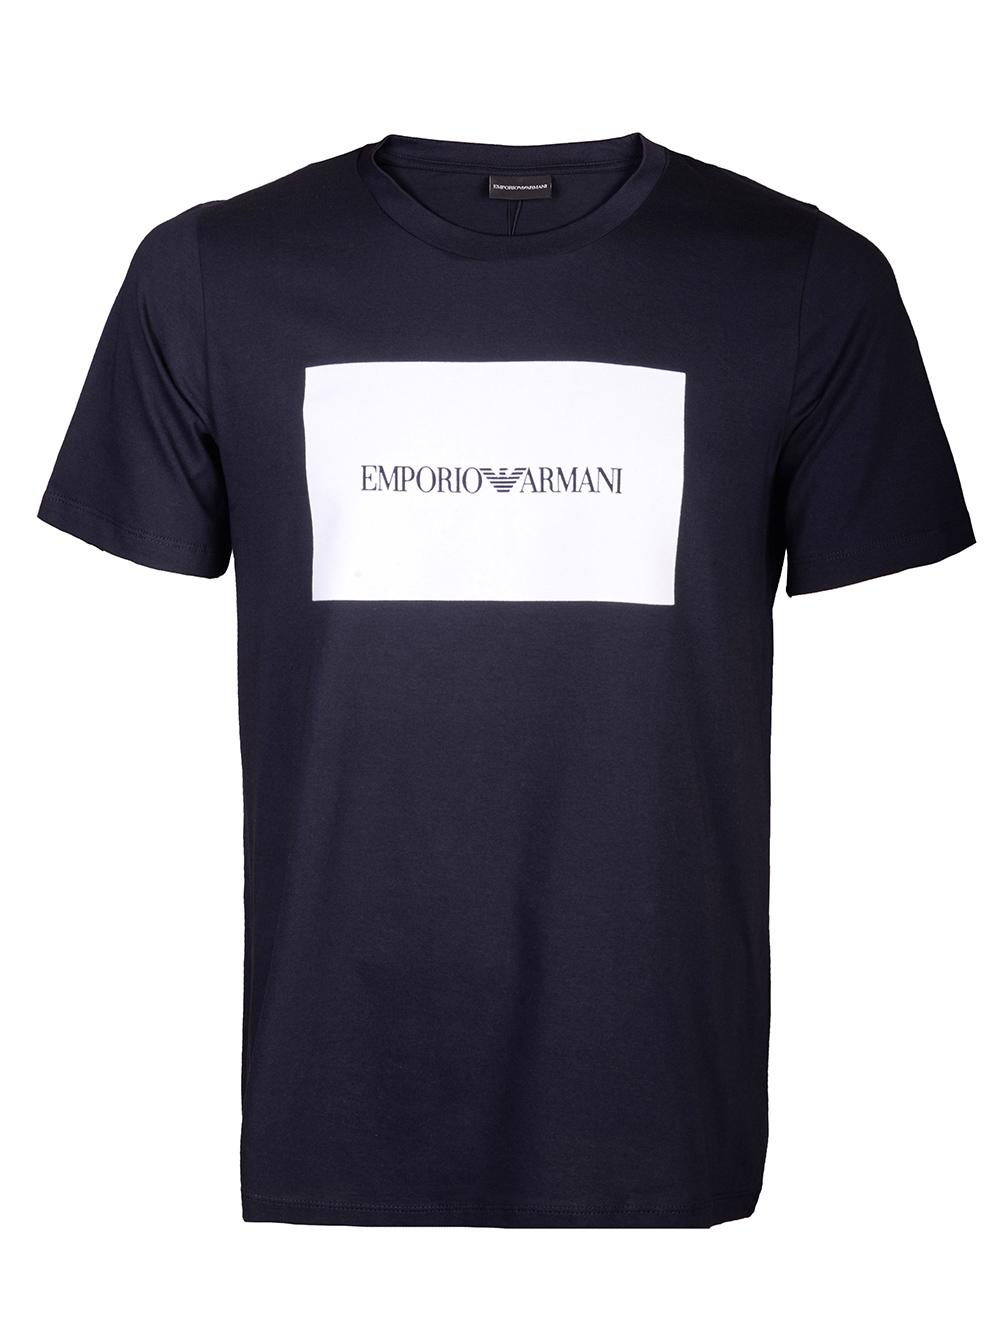 EMPORIO ARMANI Μπλούζα T-shirt 3H1TD0 1J30Z-0924 ΜΑΥΡΟ